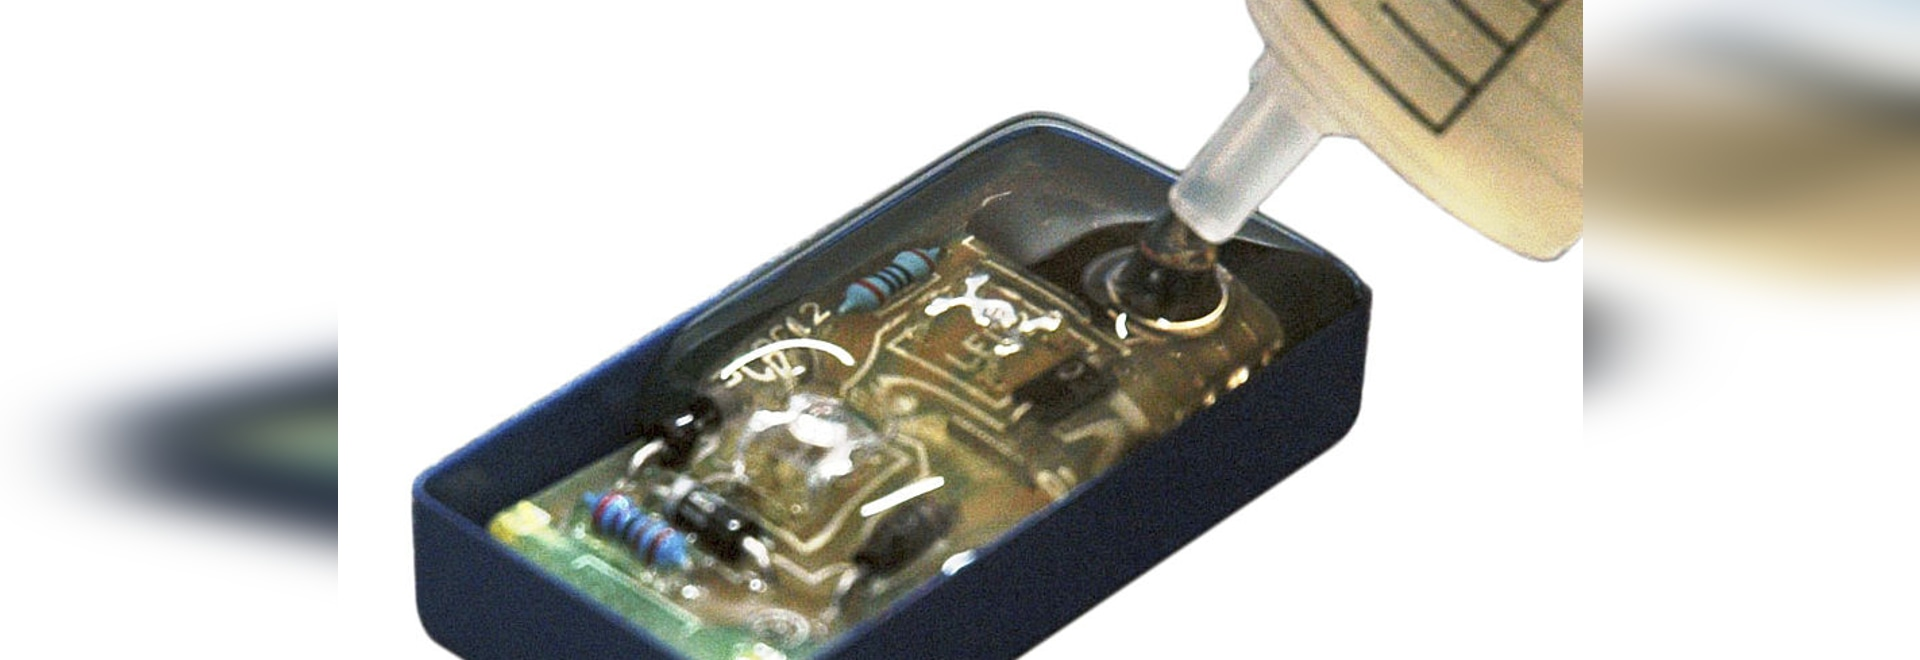 Electrolube améliore la sécurité des opérateurs grâce à une résine sans isocyanate